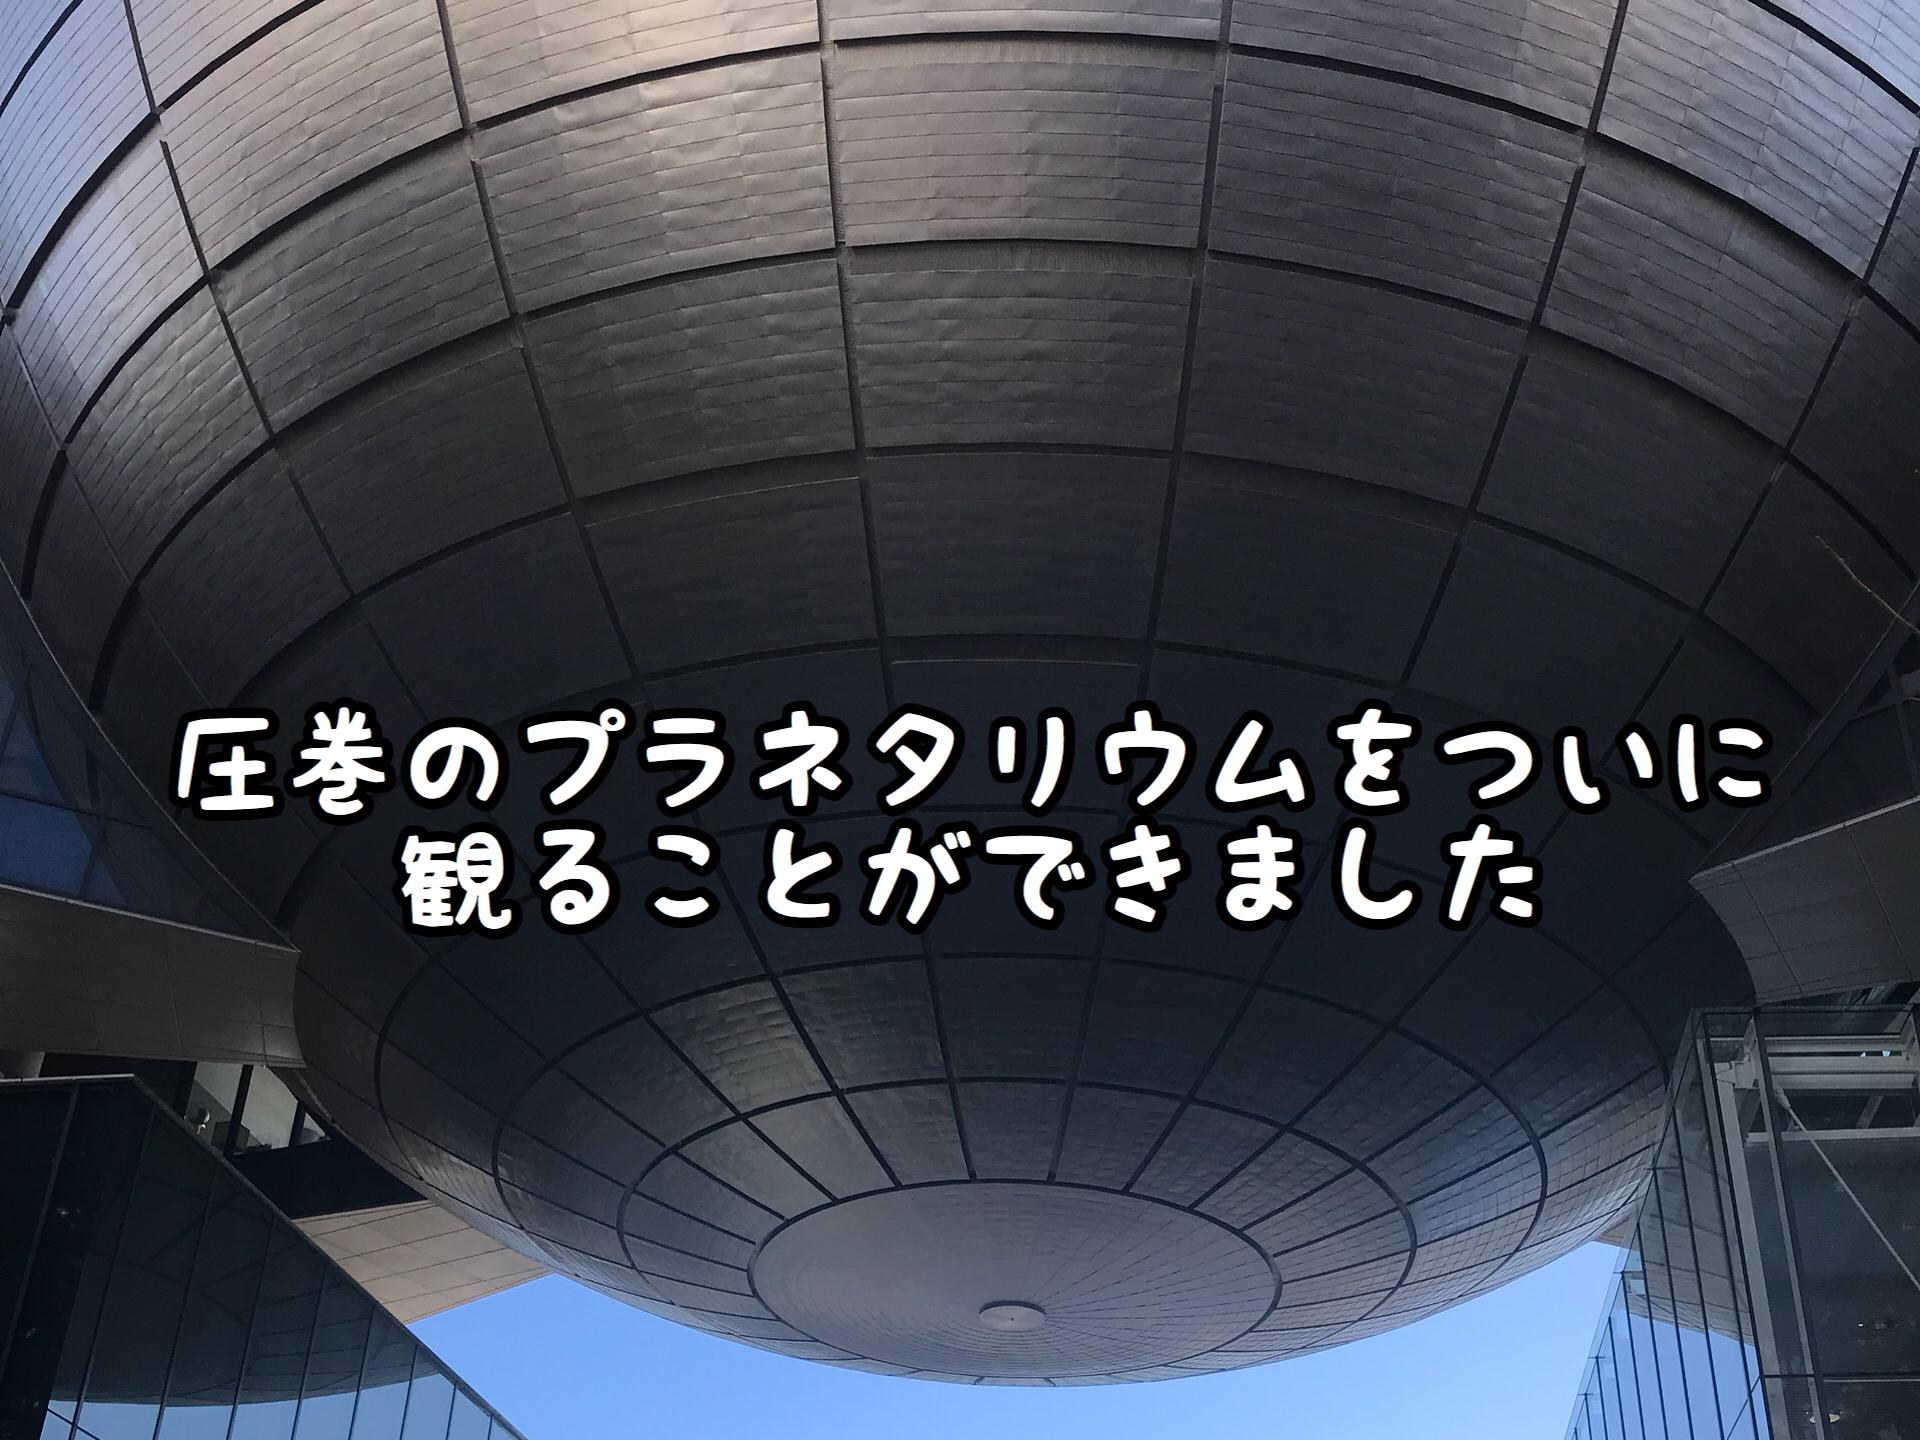 【リベンジ】ついに!世界最大級のプラネタリウムを見ることができました!